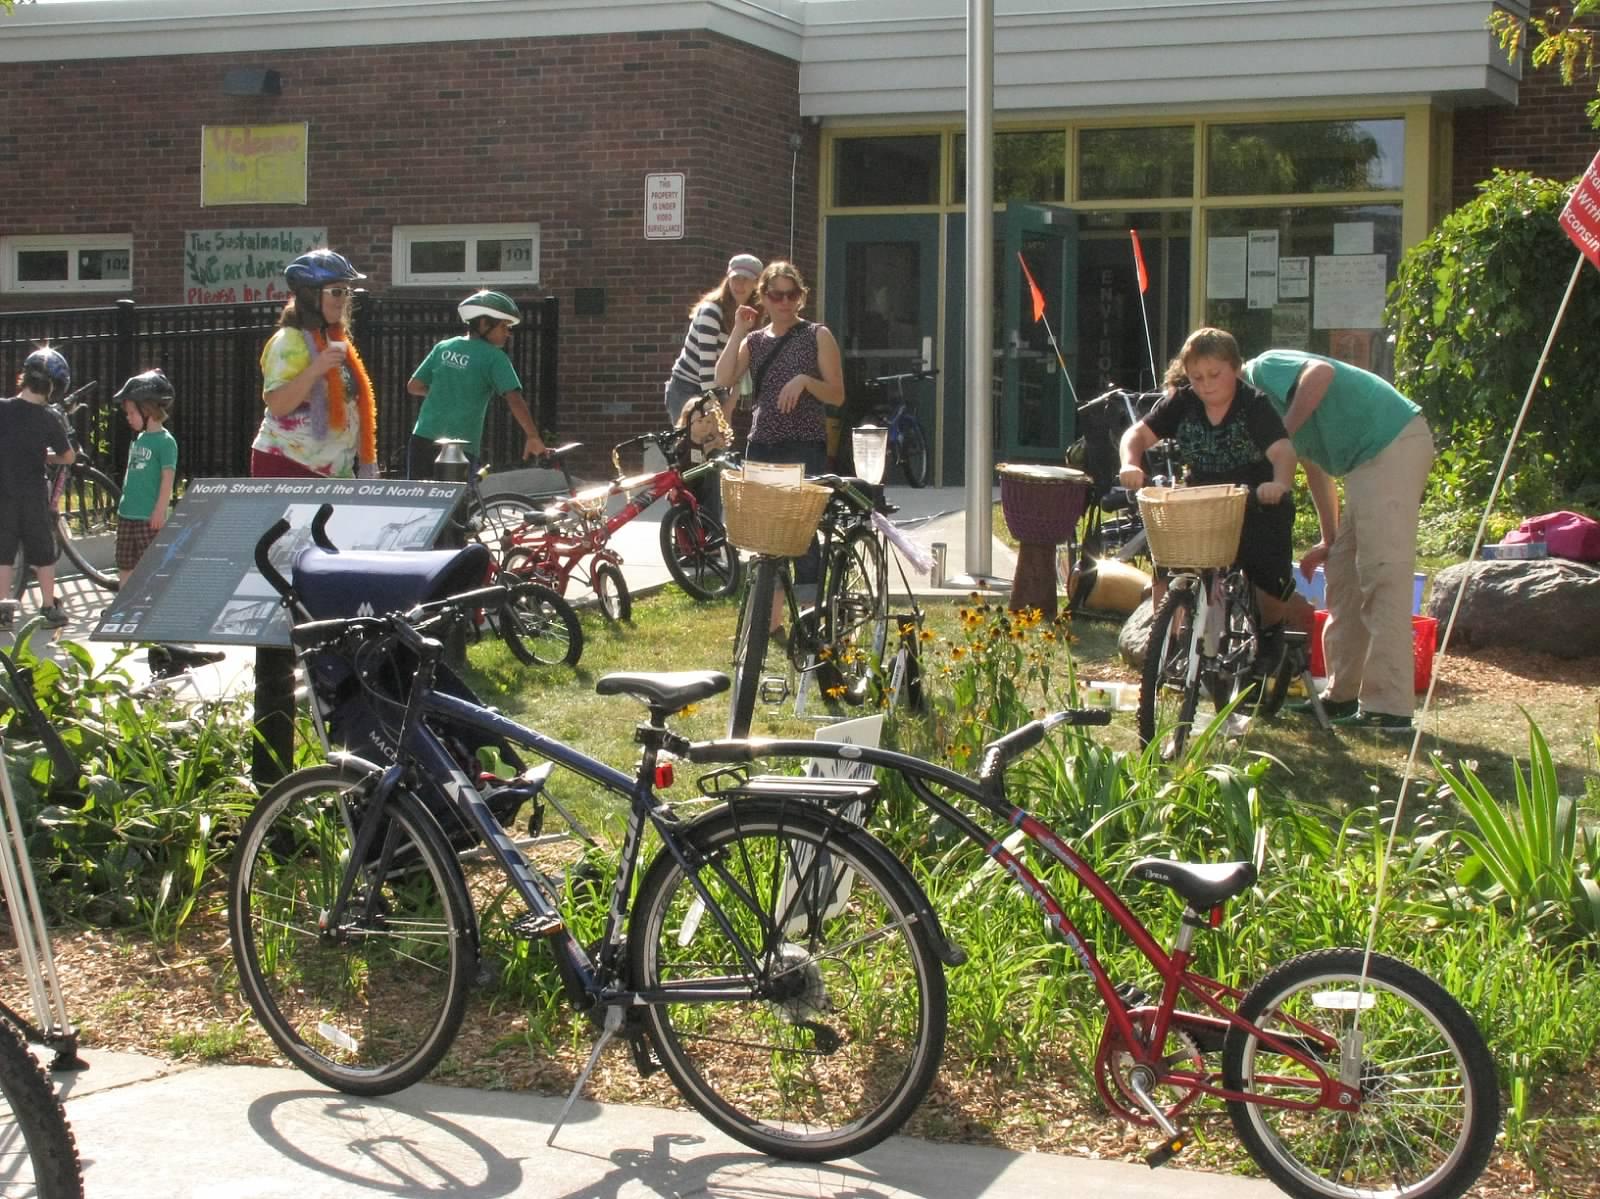 20140921_BMines 011 OpenStreets-BarnesSchool_BikeSmoothies.JPG